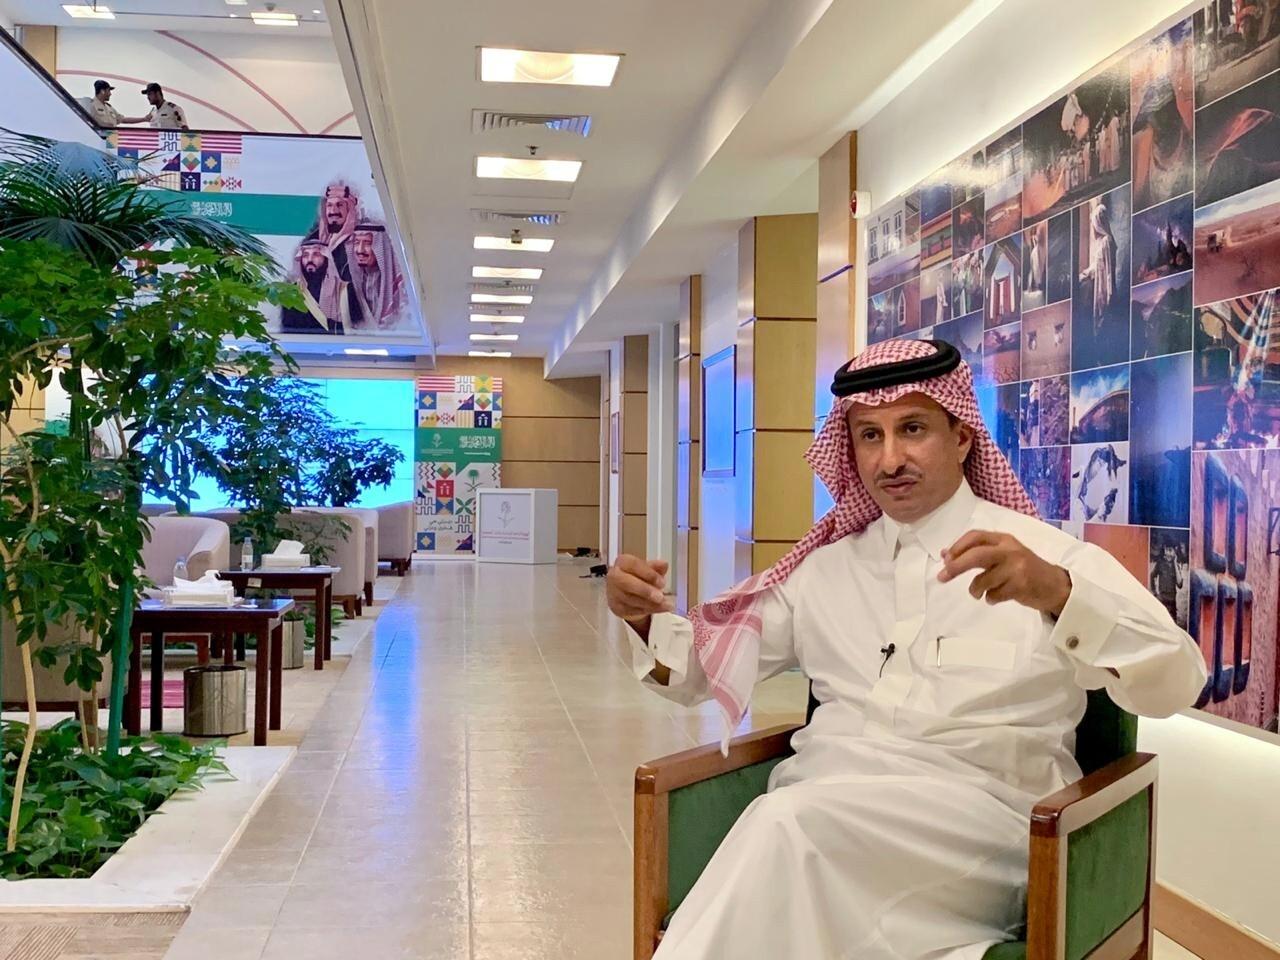 رئيس مجلس إدارة الهيئة العامة للسياحة والتراث السعودي أحمد بن عقيل الخطيب